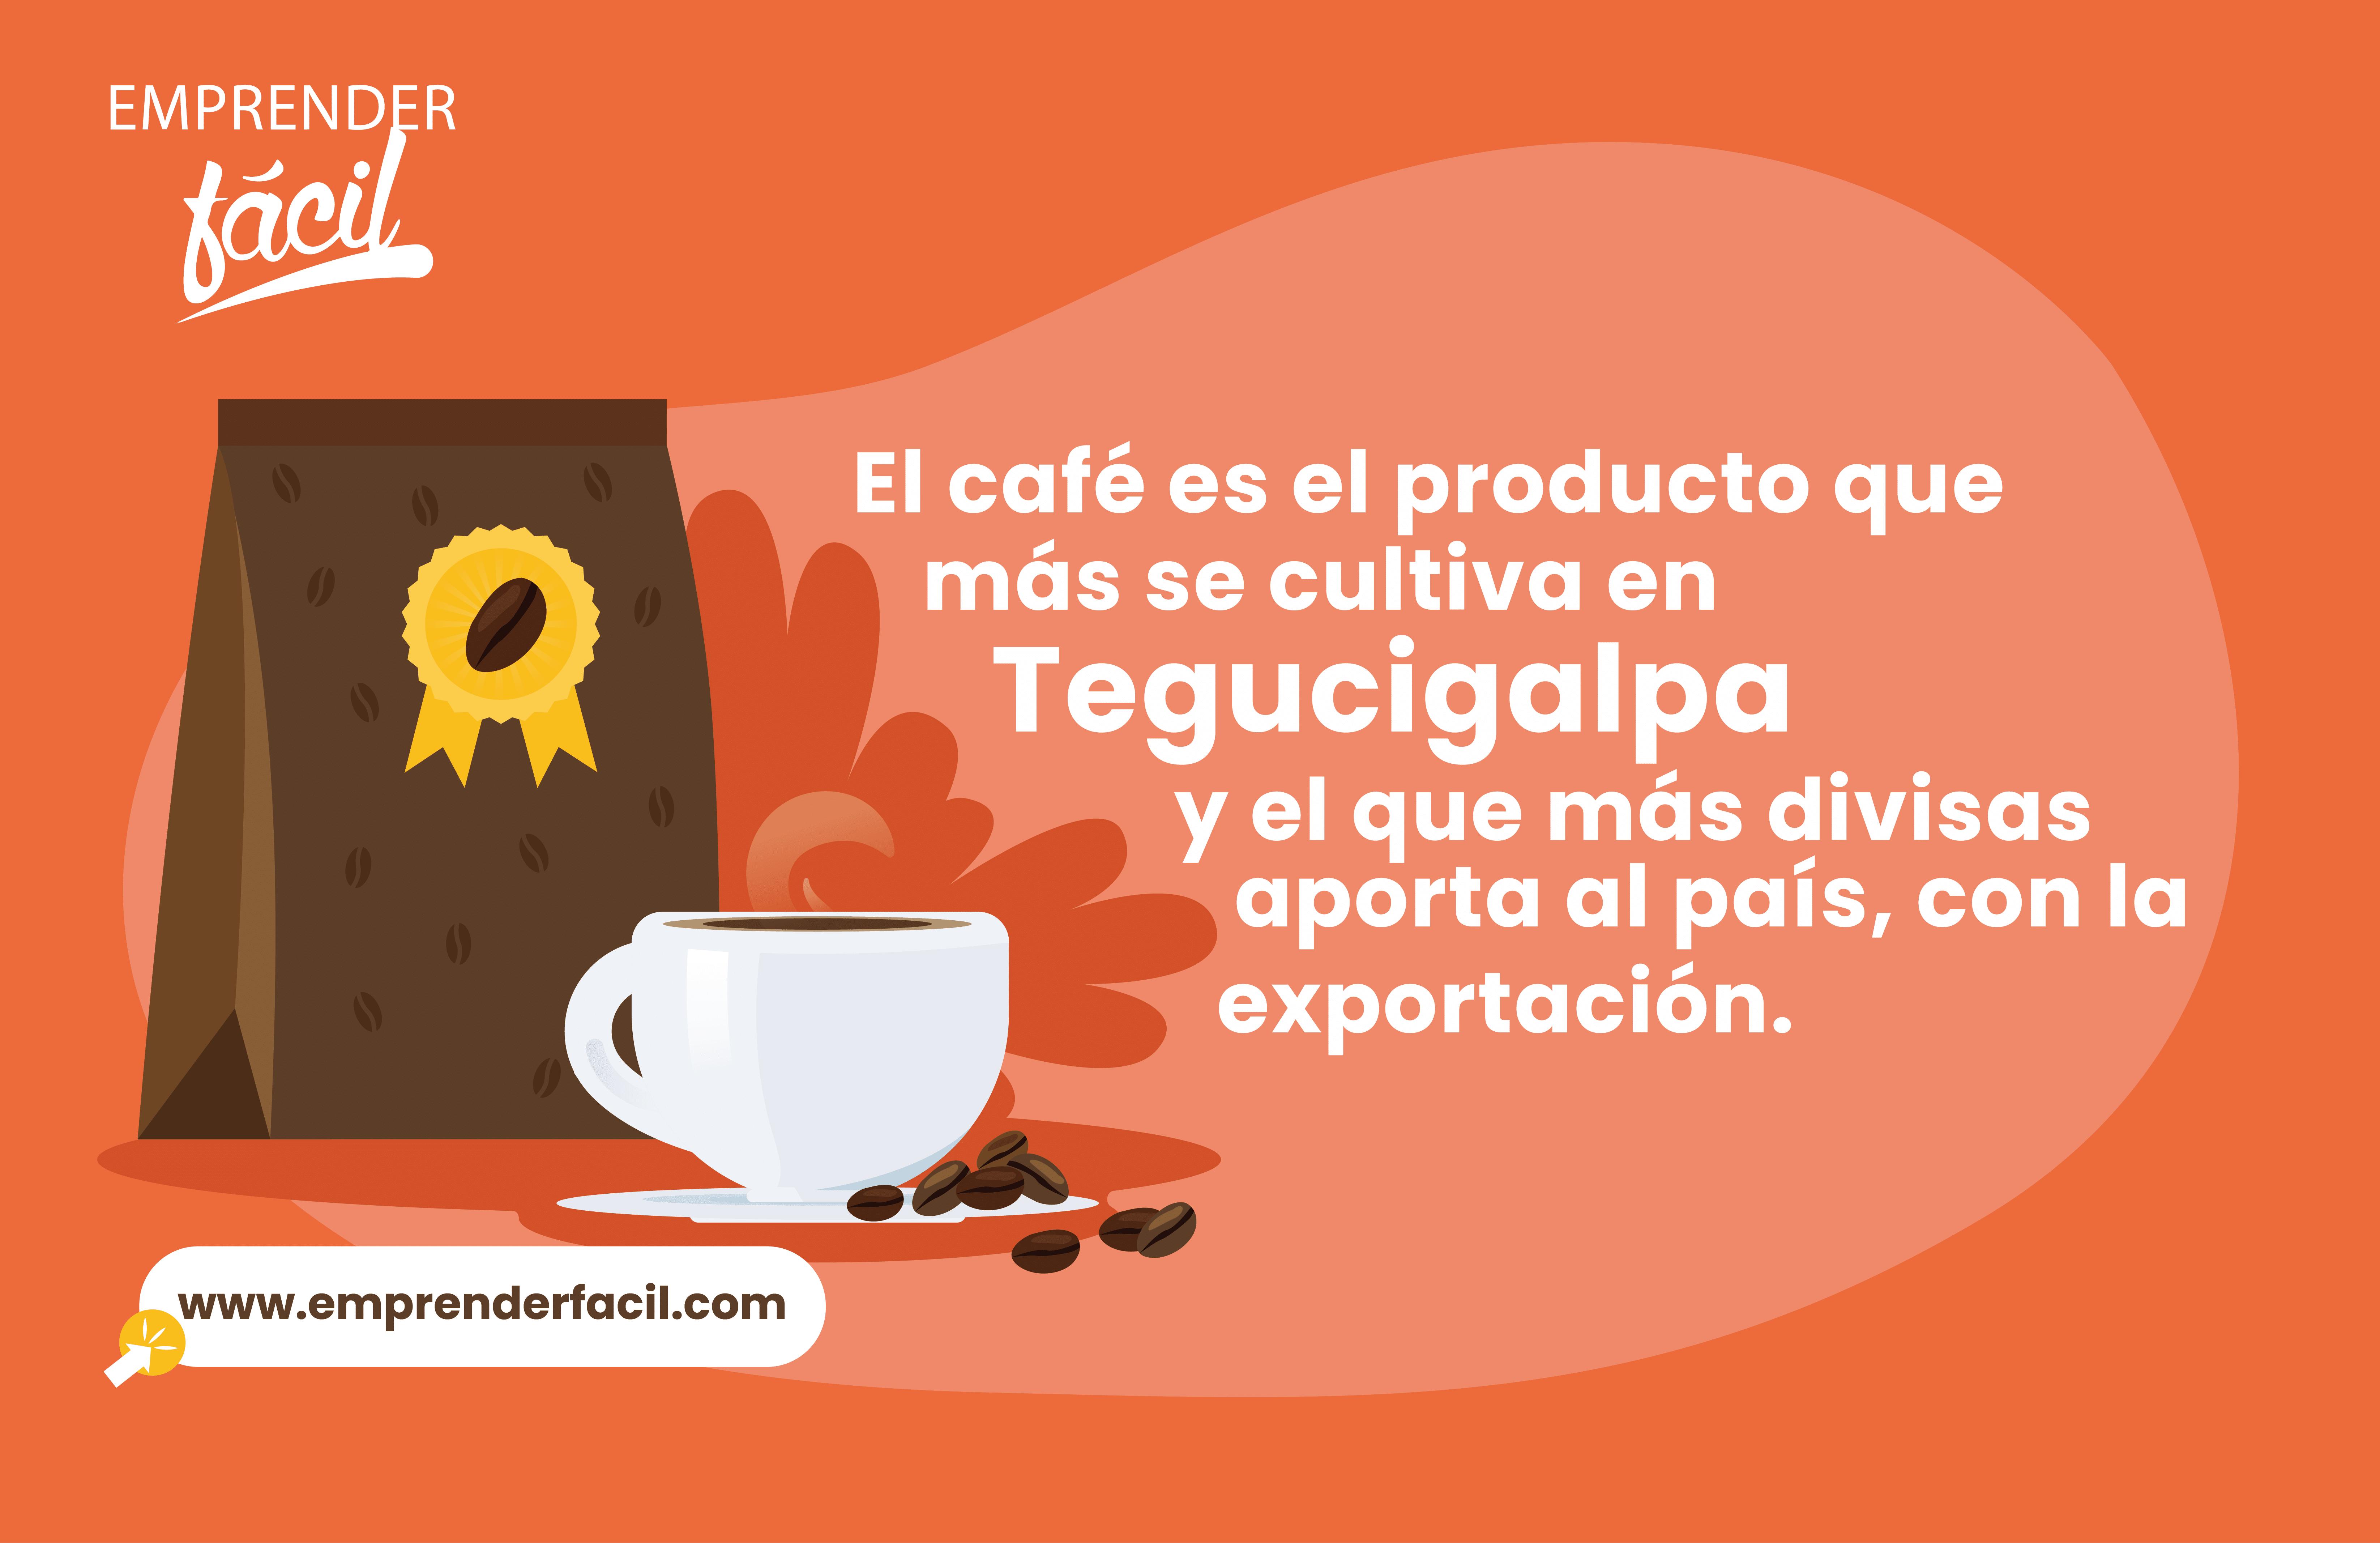 Realizar café artesanal es uno de los negocios rentables en Tegucigalpa